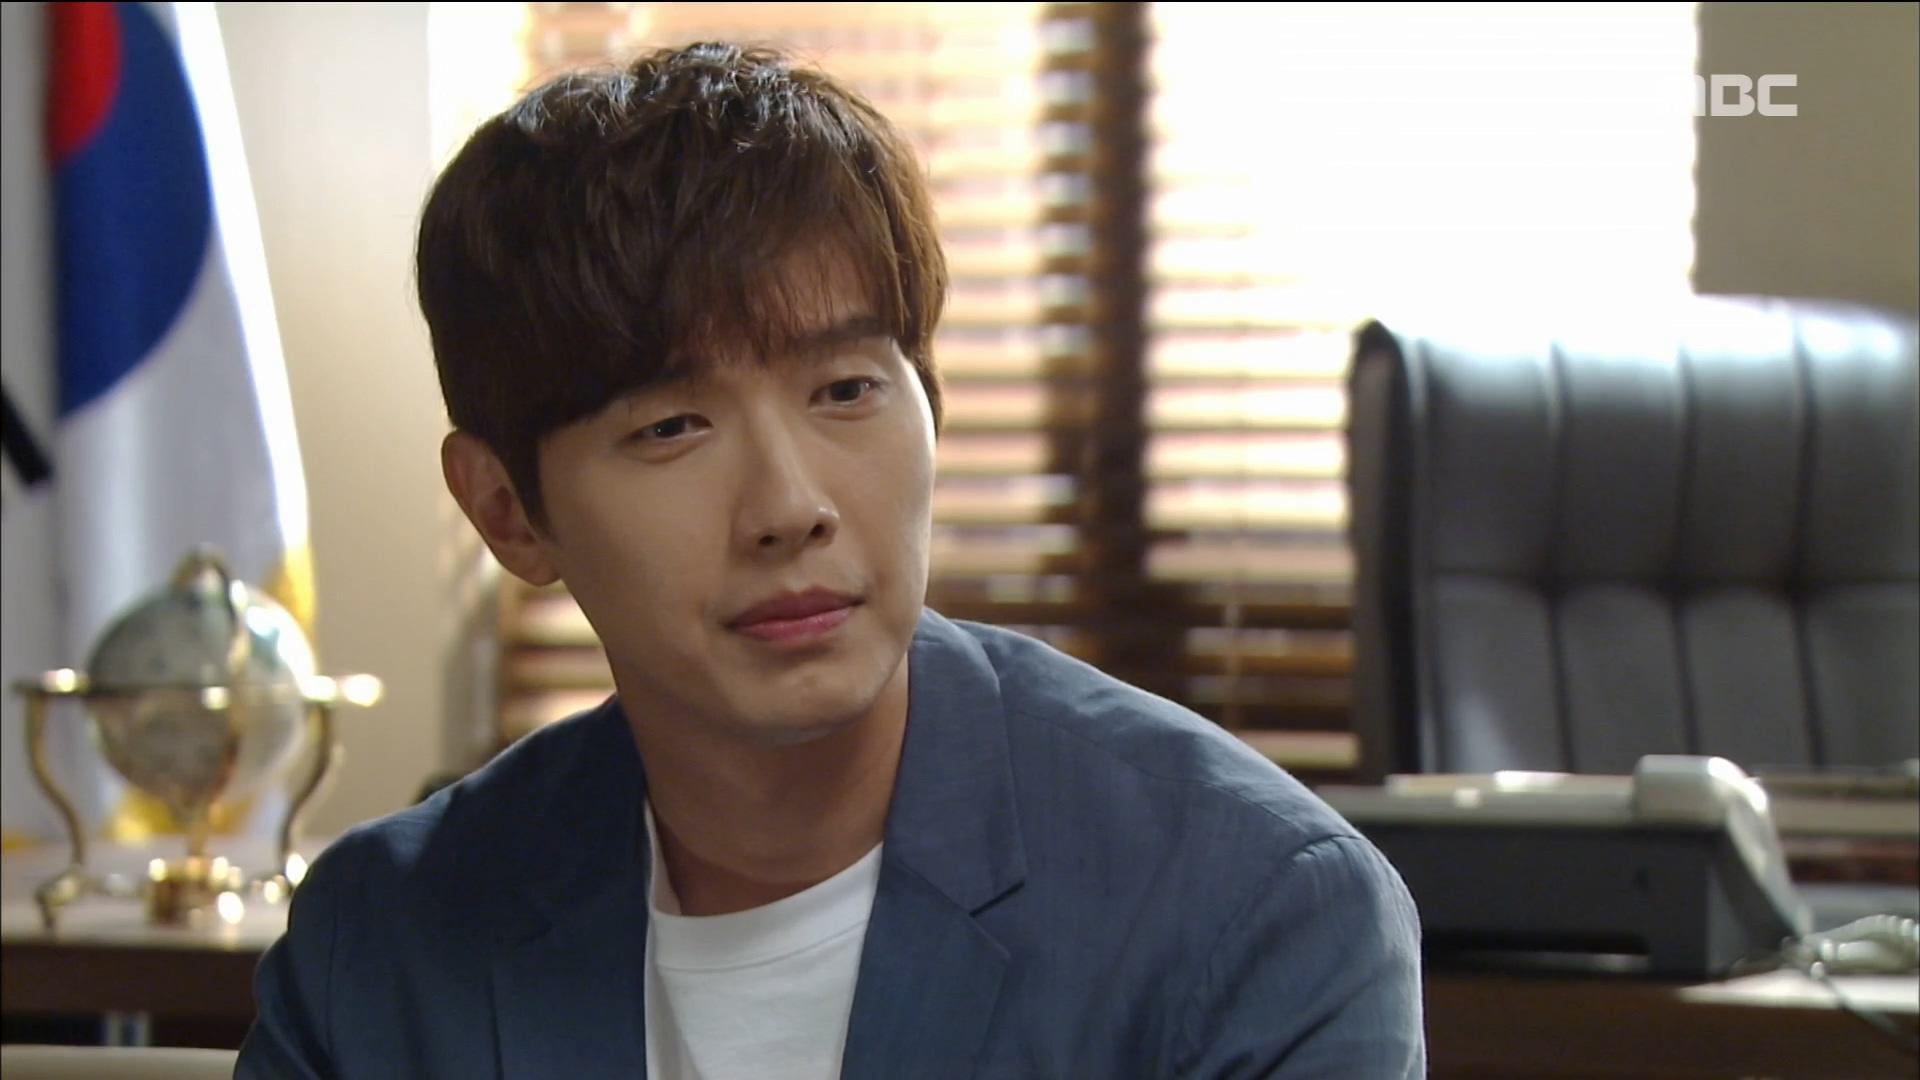 지현우,최종환에 김찬기를 왜 범인으로 몰았습니까?